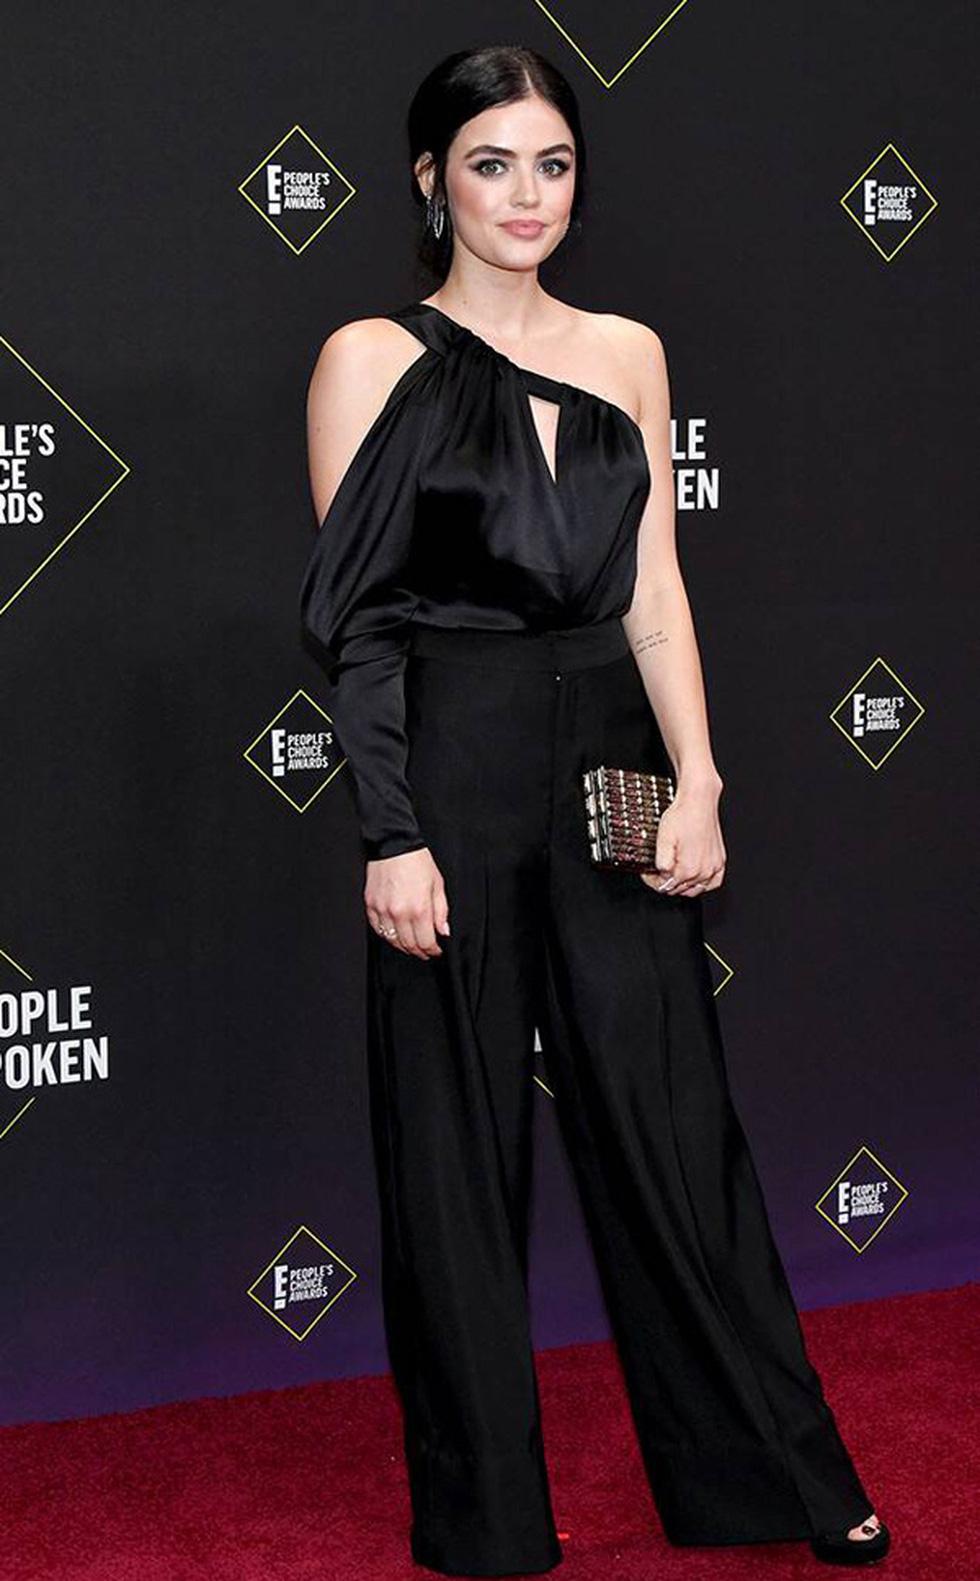 Gần 100 ngôi sao quốc tế diện trang phục của nhà thiết kế Công Trí - Ảnh 6.